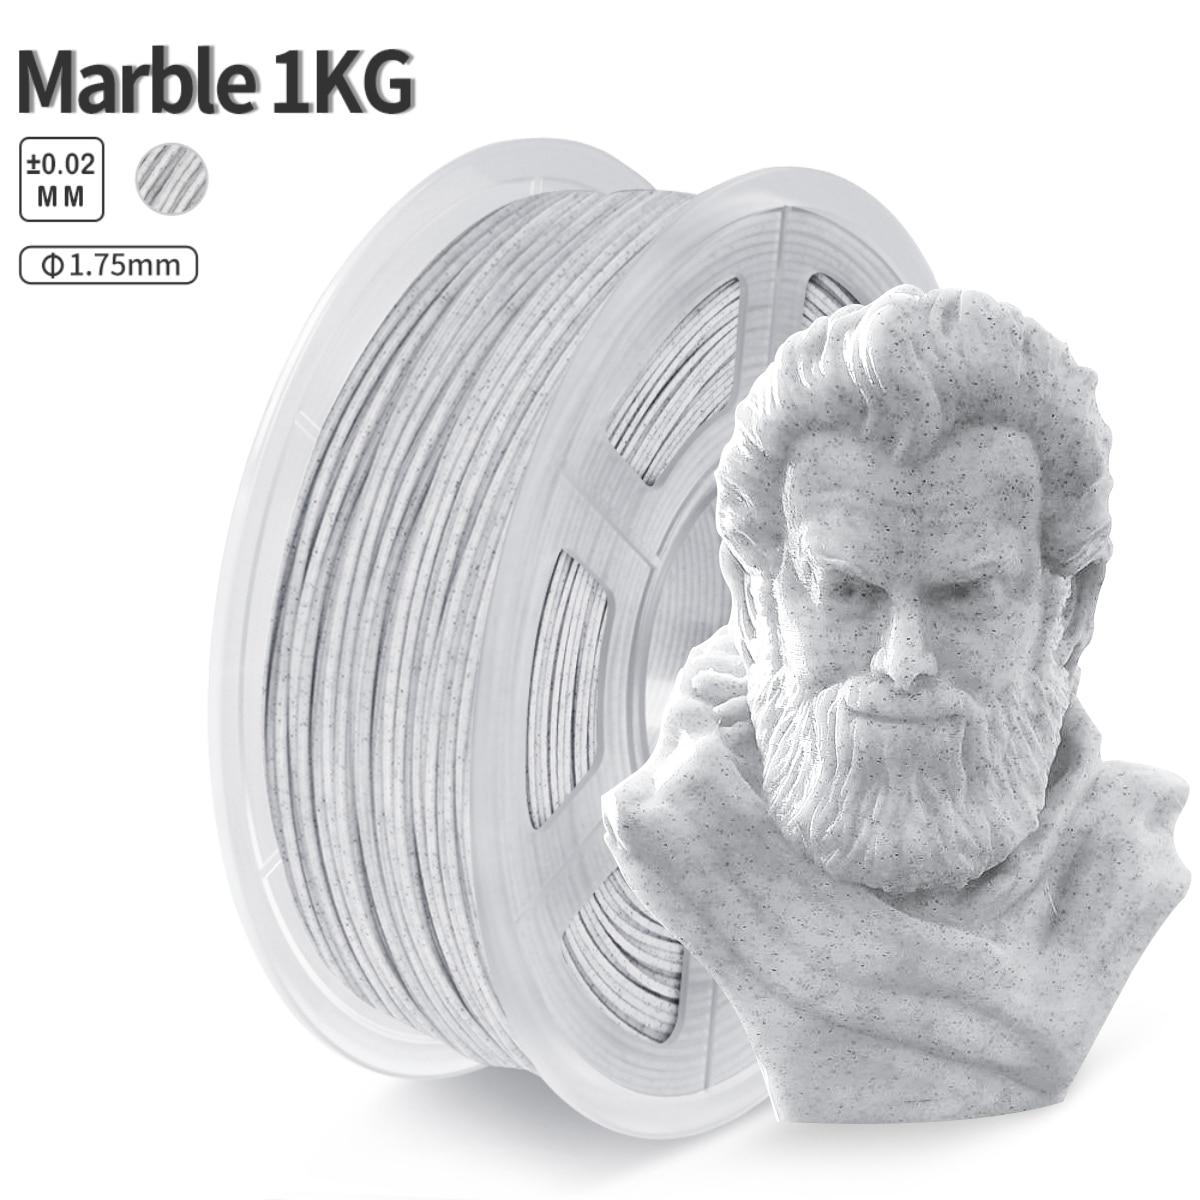 Наполнитель для 3d печати, 1,75 мм, 1 кг, с эффектом погрешности мрамора +/-0,02 мм